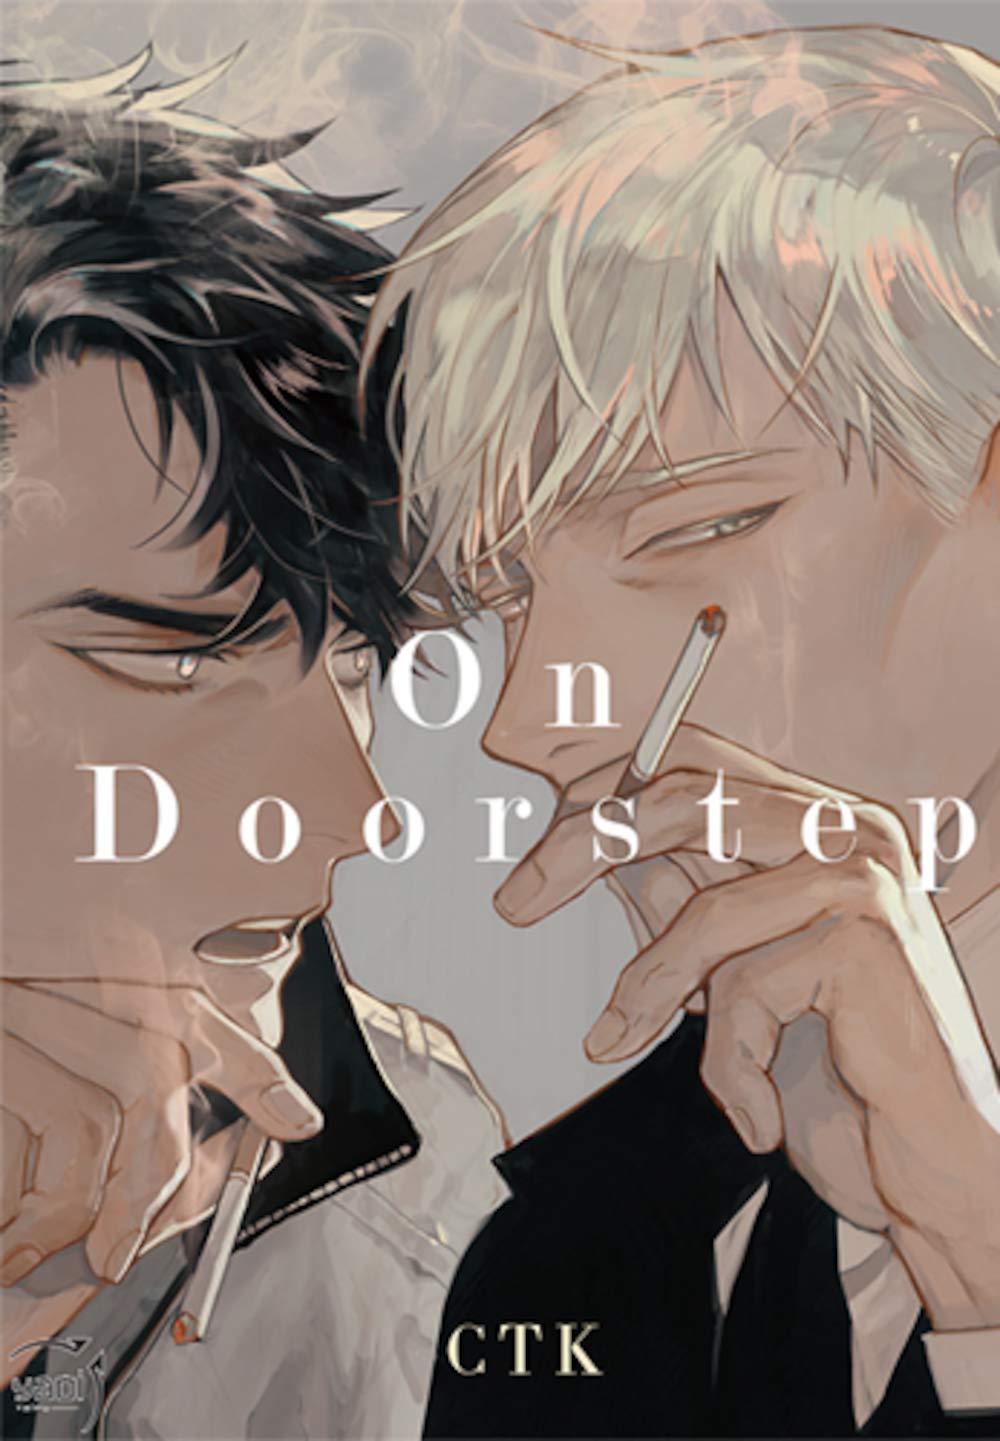 On Doorstep | Amazon.com.br